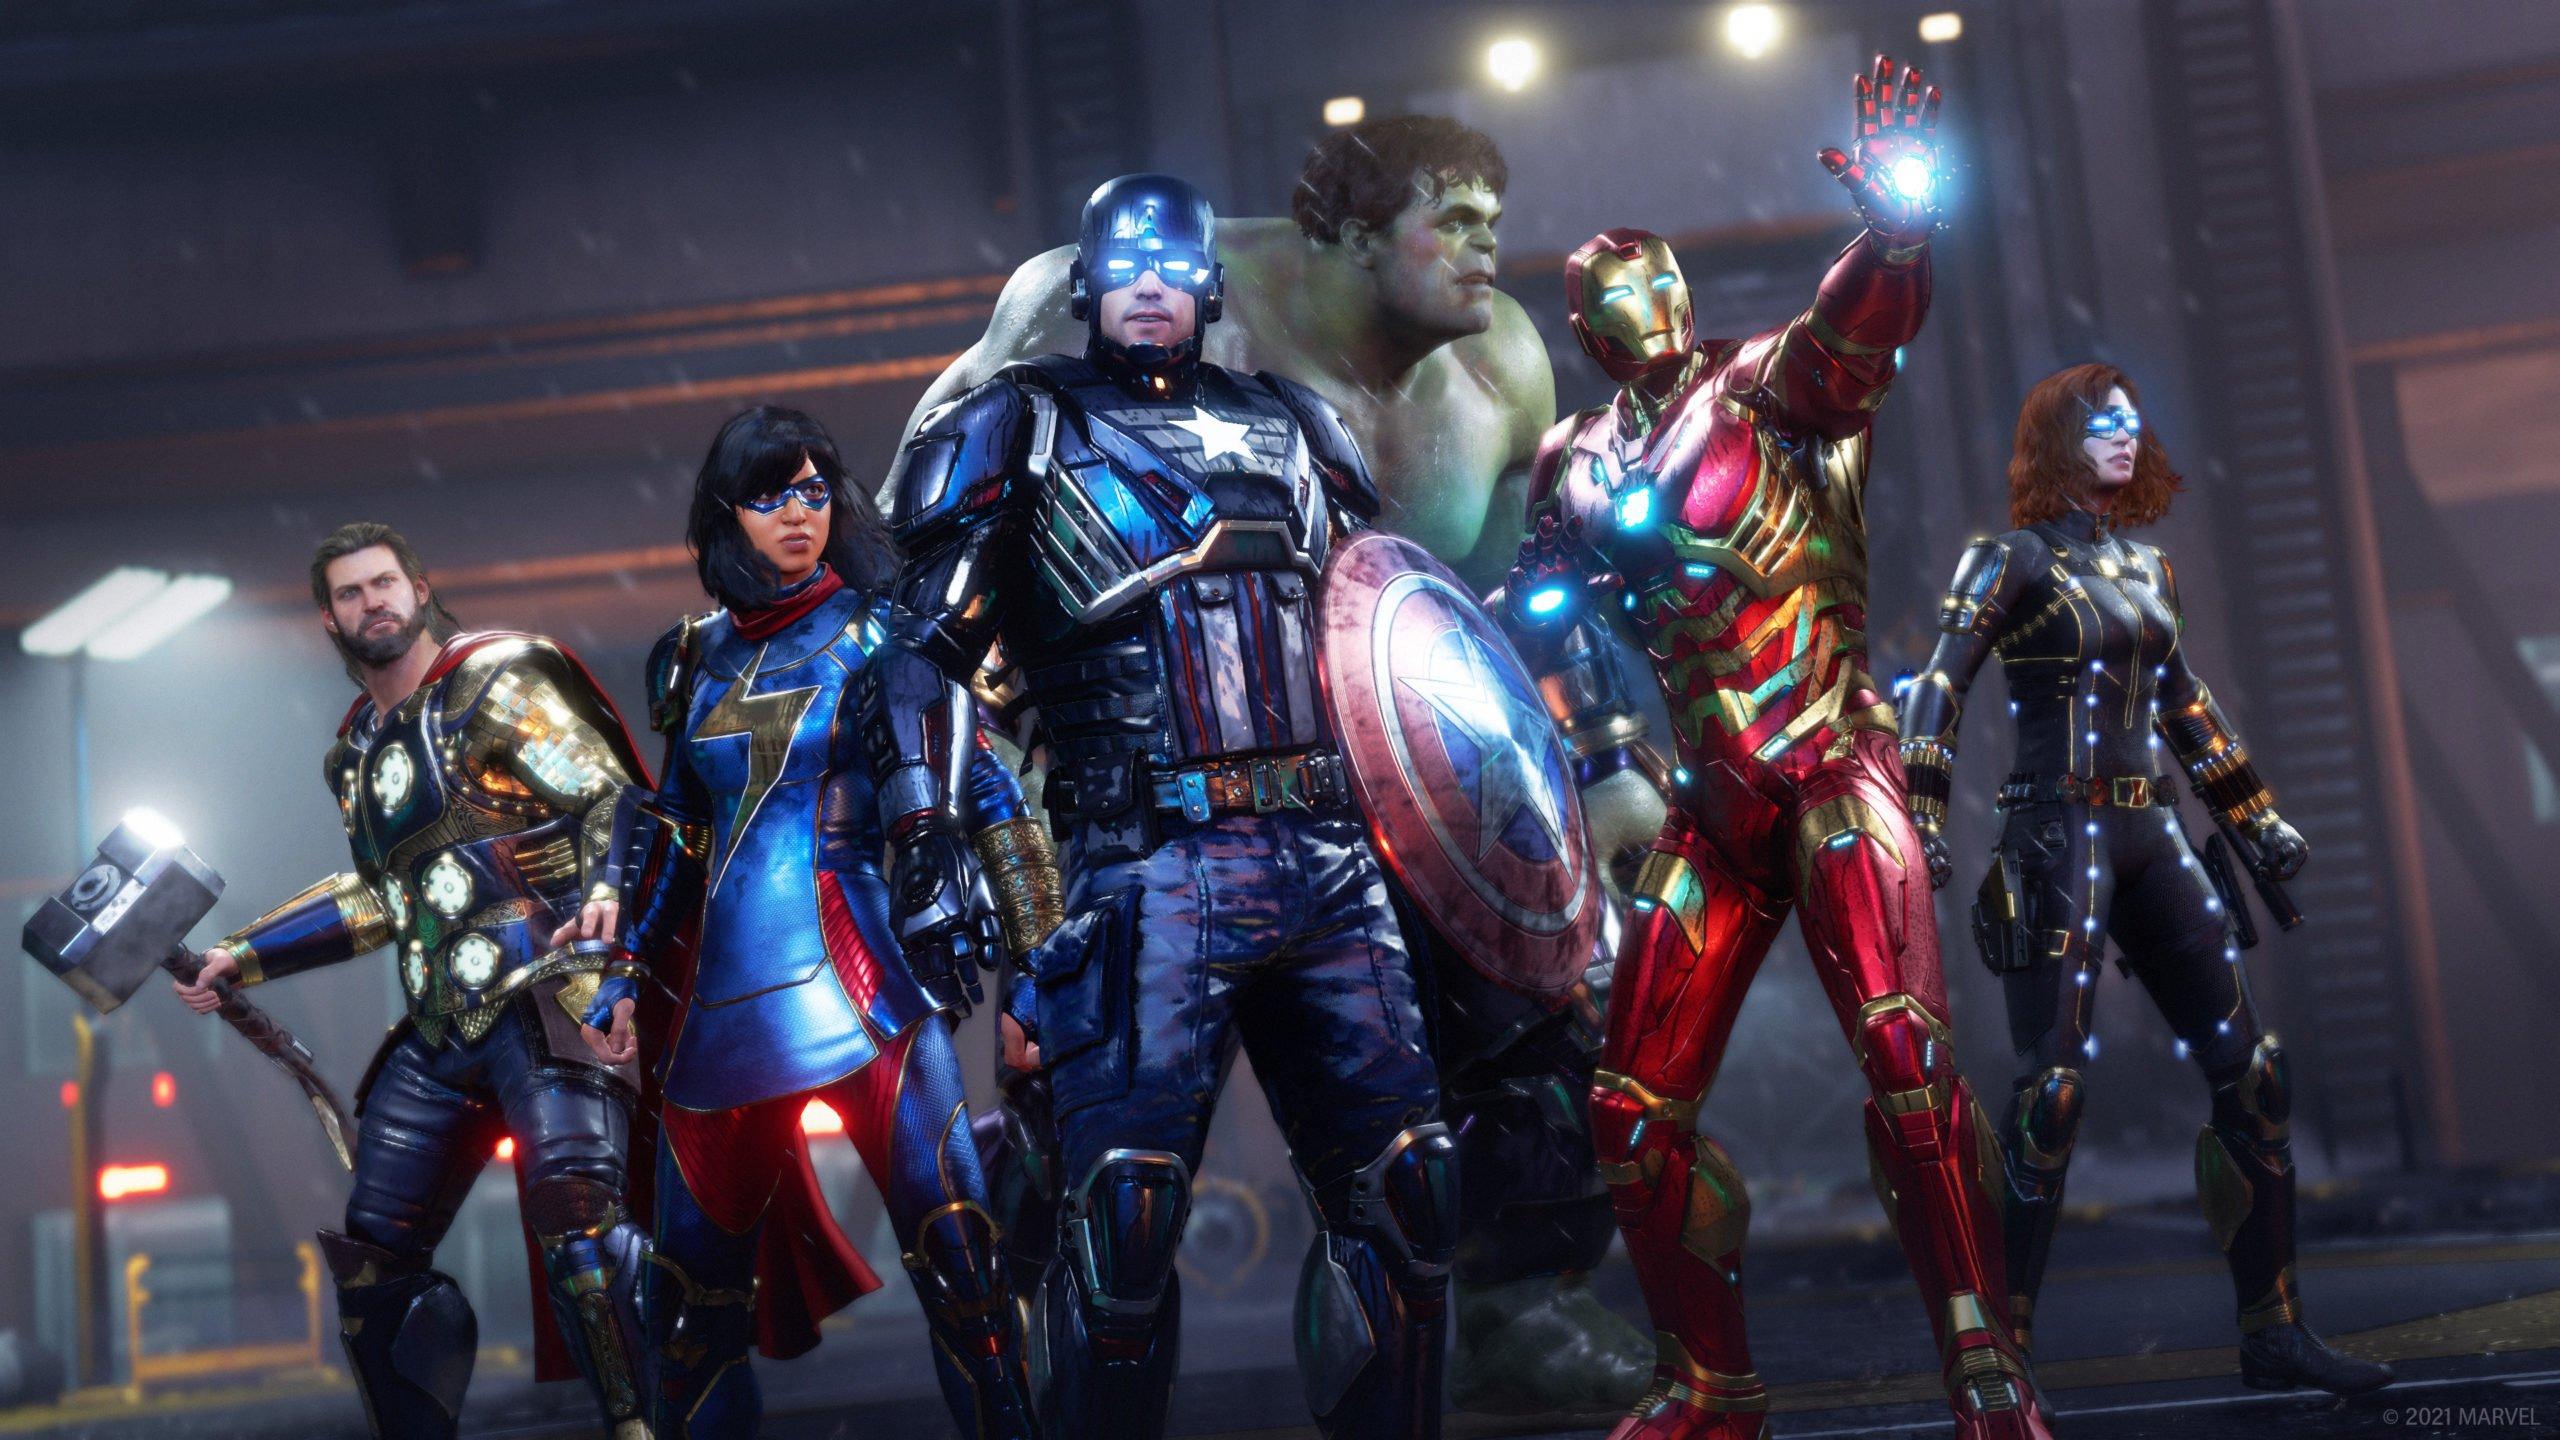 marvels avengers game ps5 wallpaper 74166